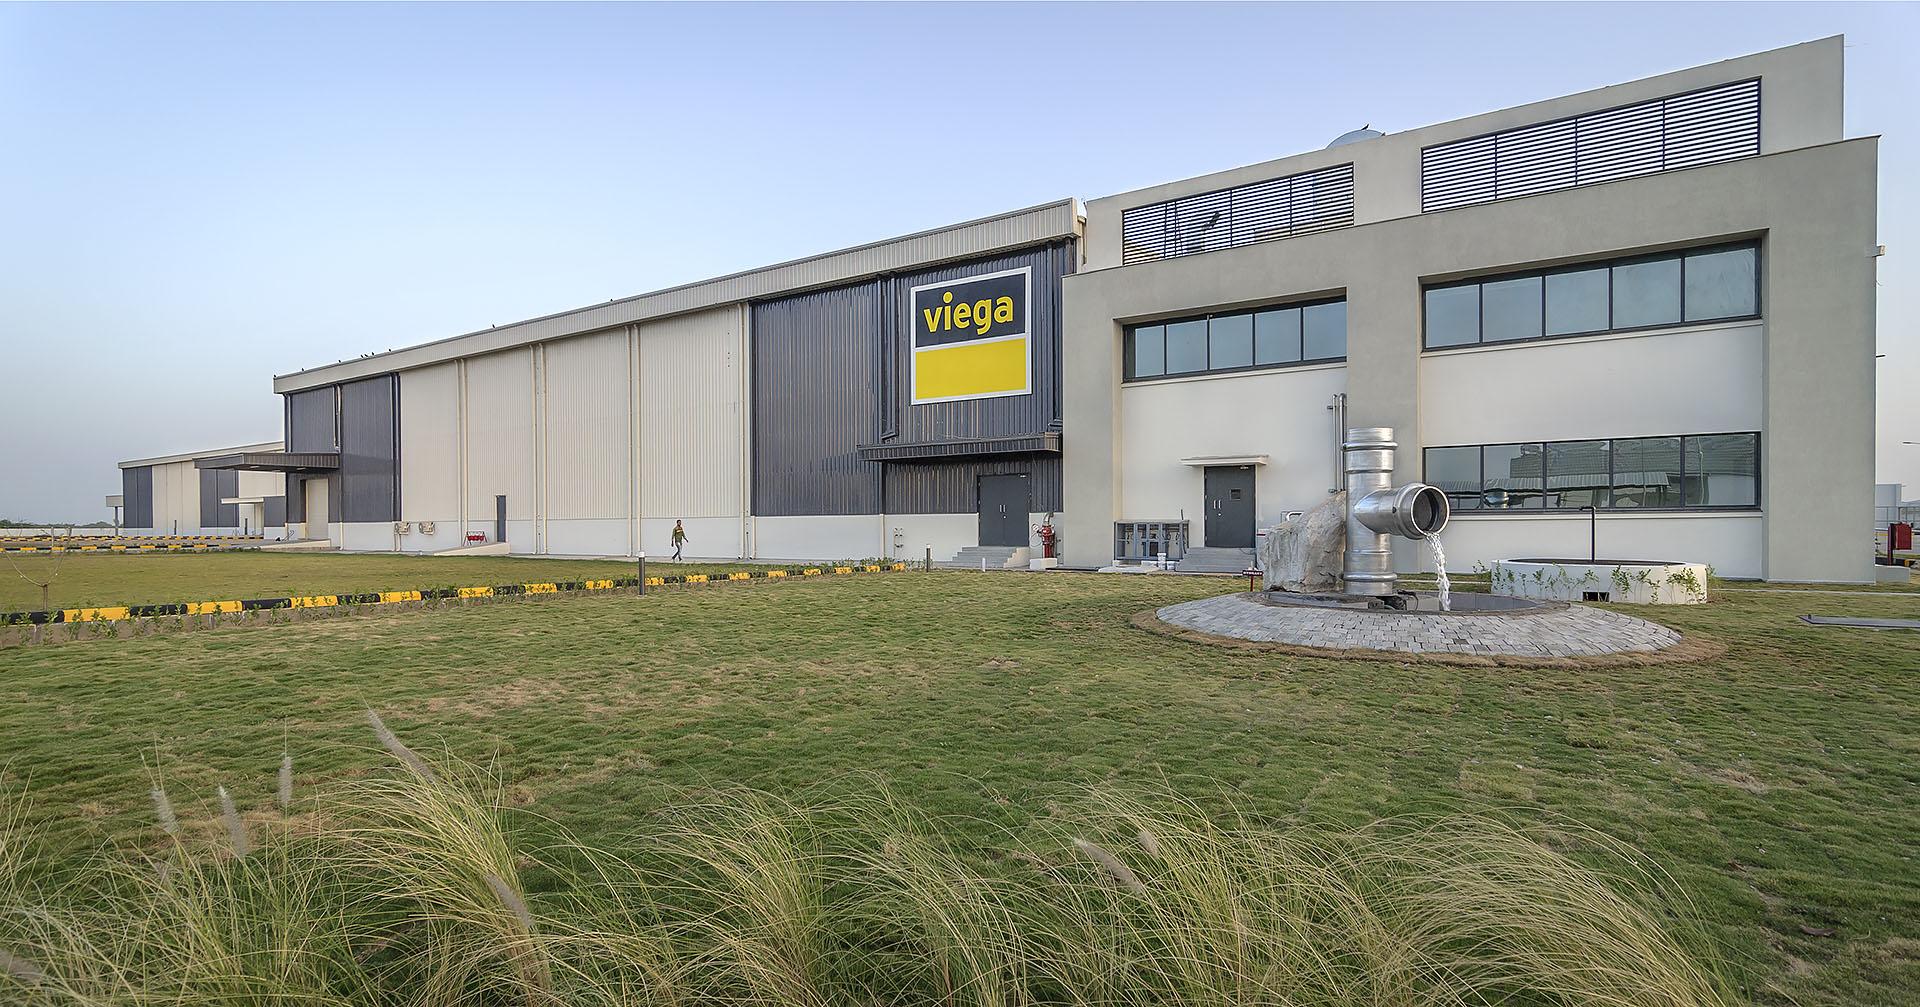 Viega India-Plastic & Packaging Industries 1